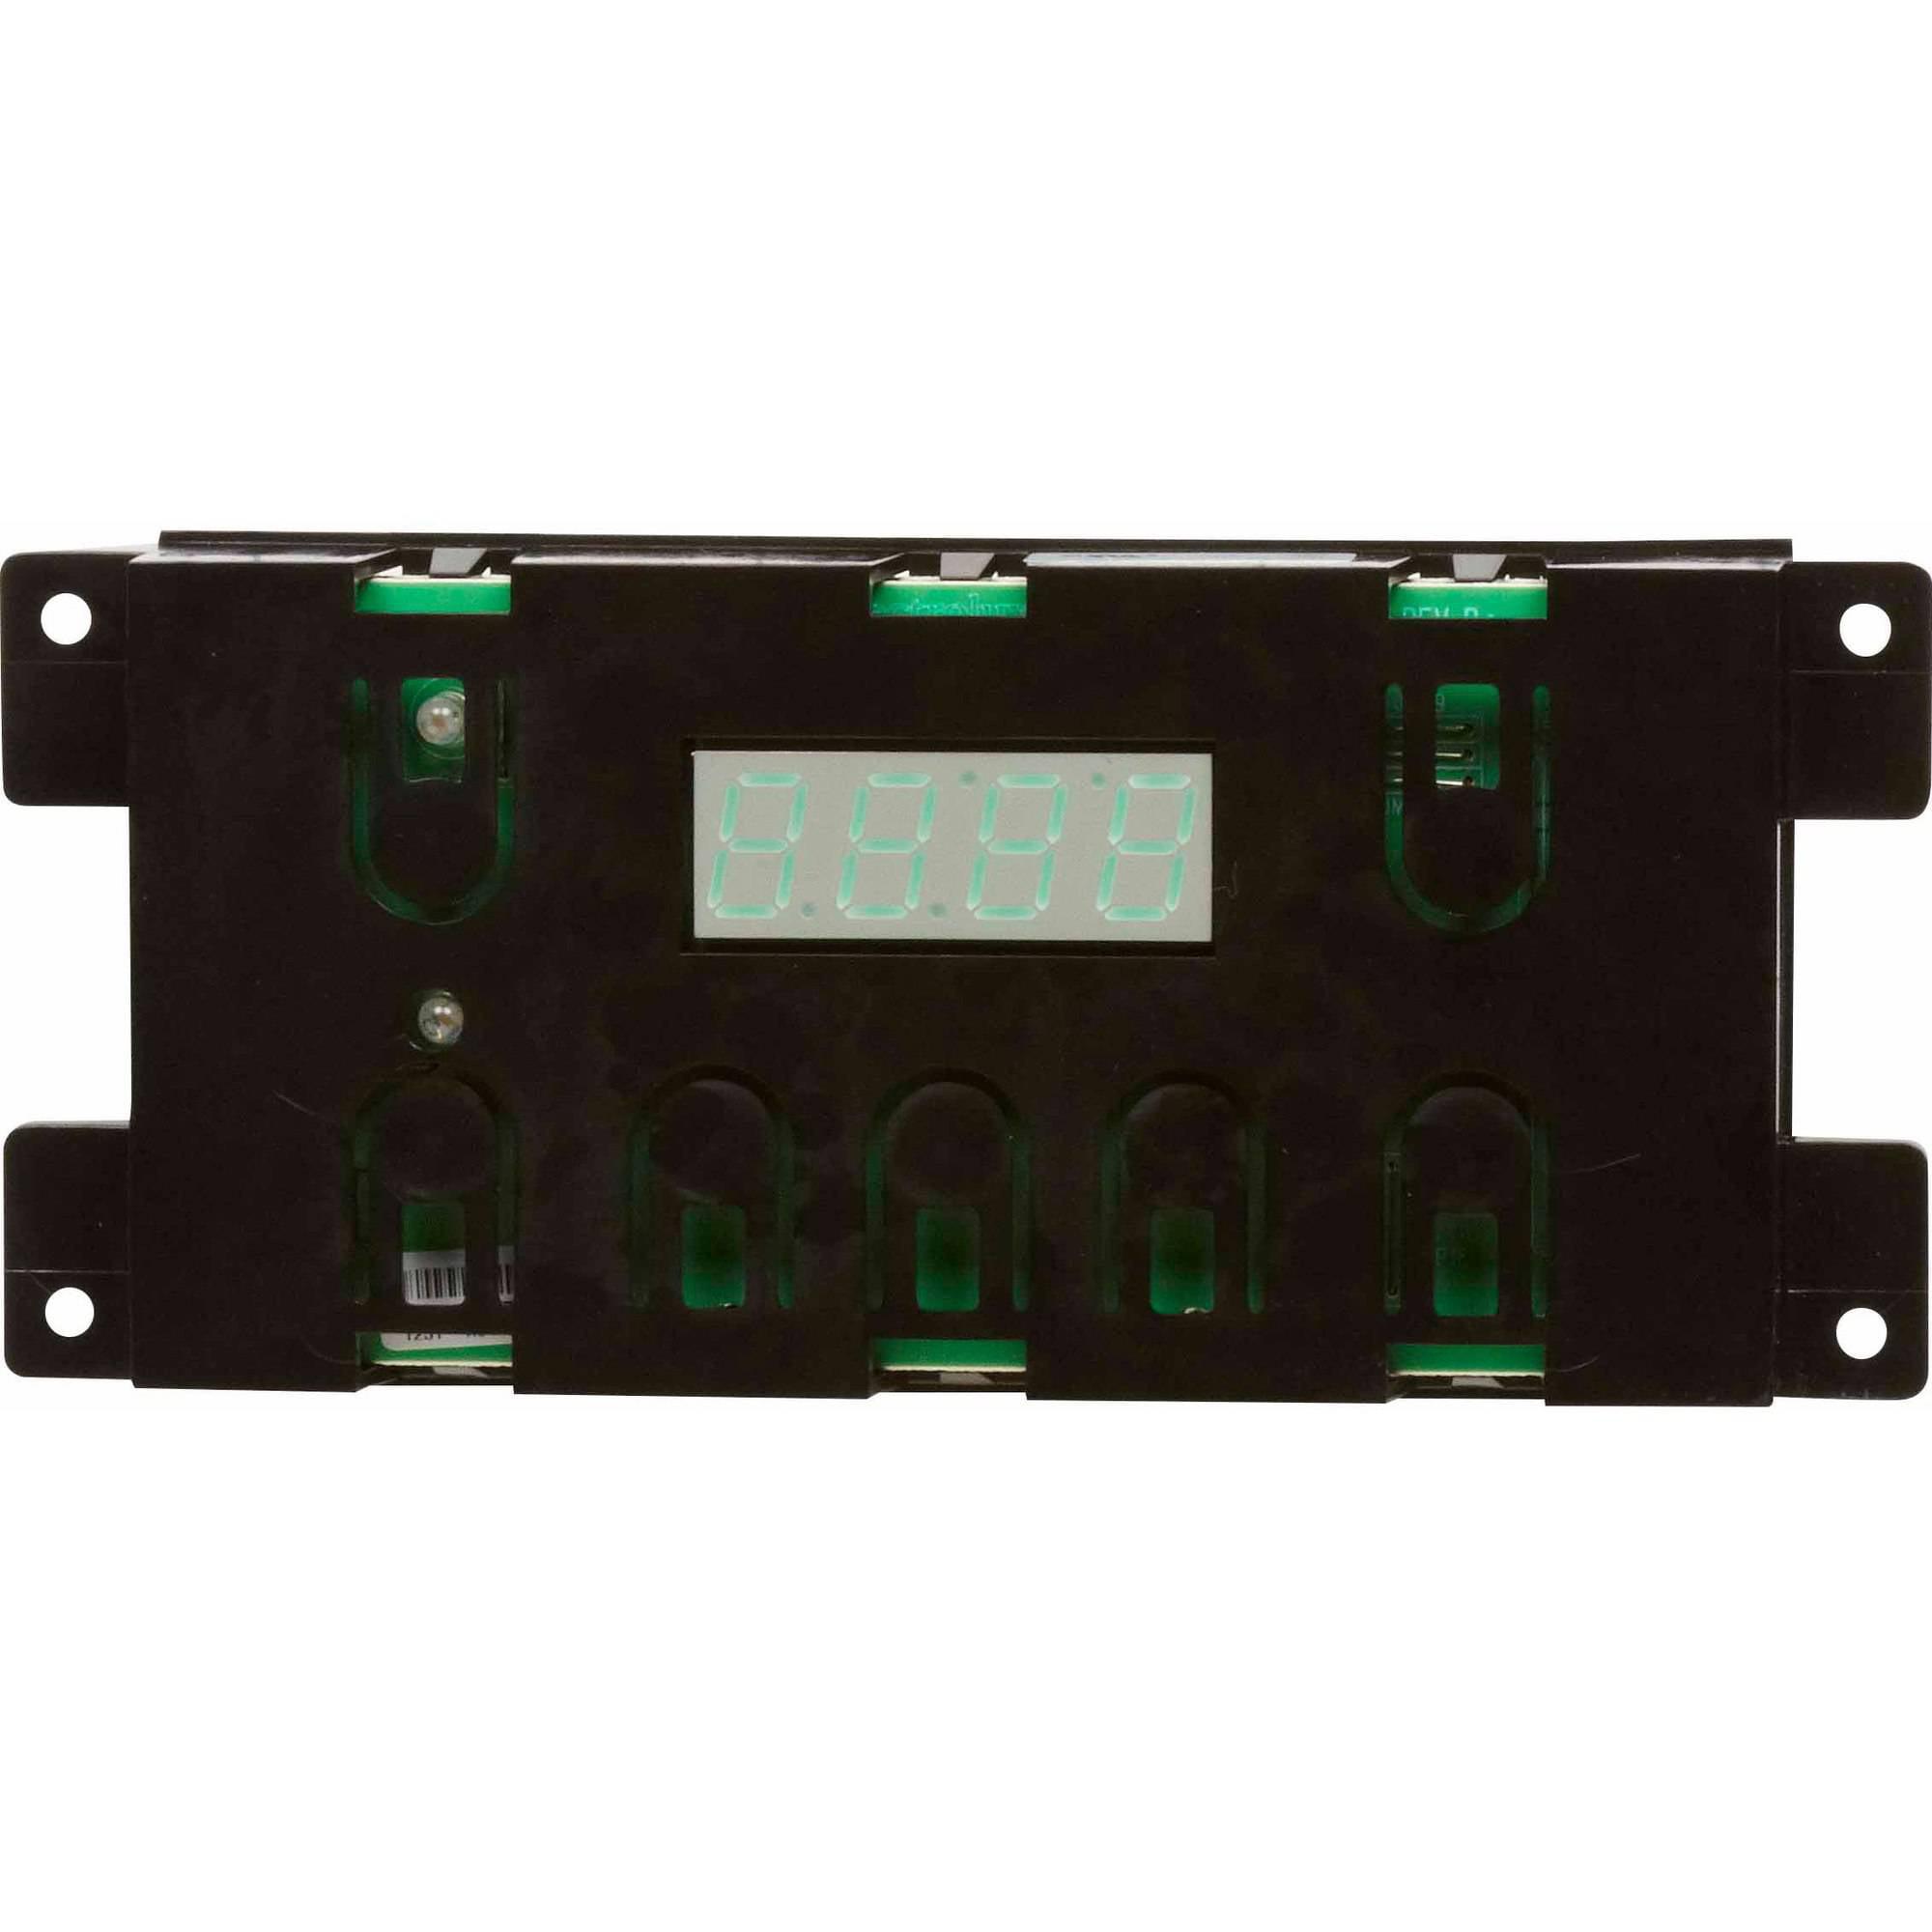 Frigidaire Oven Control Board